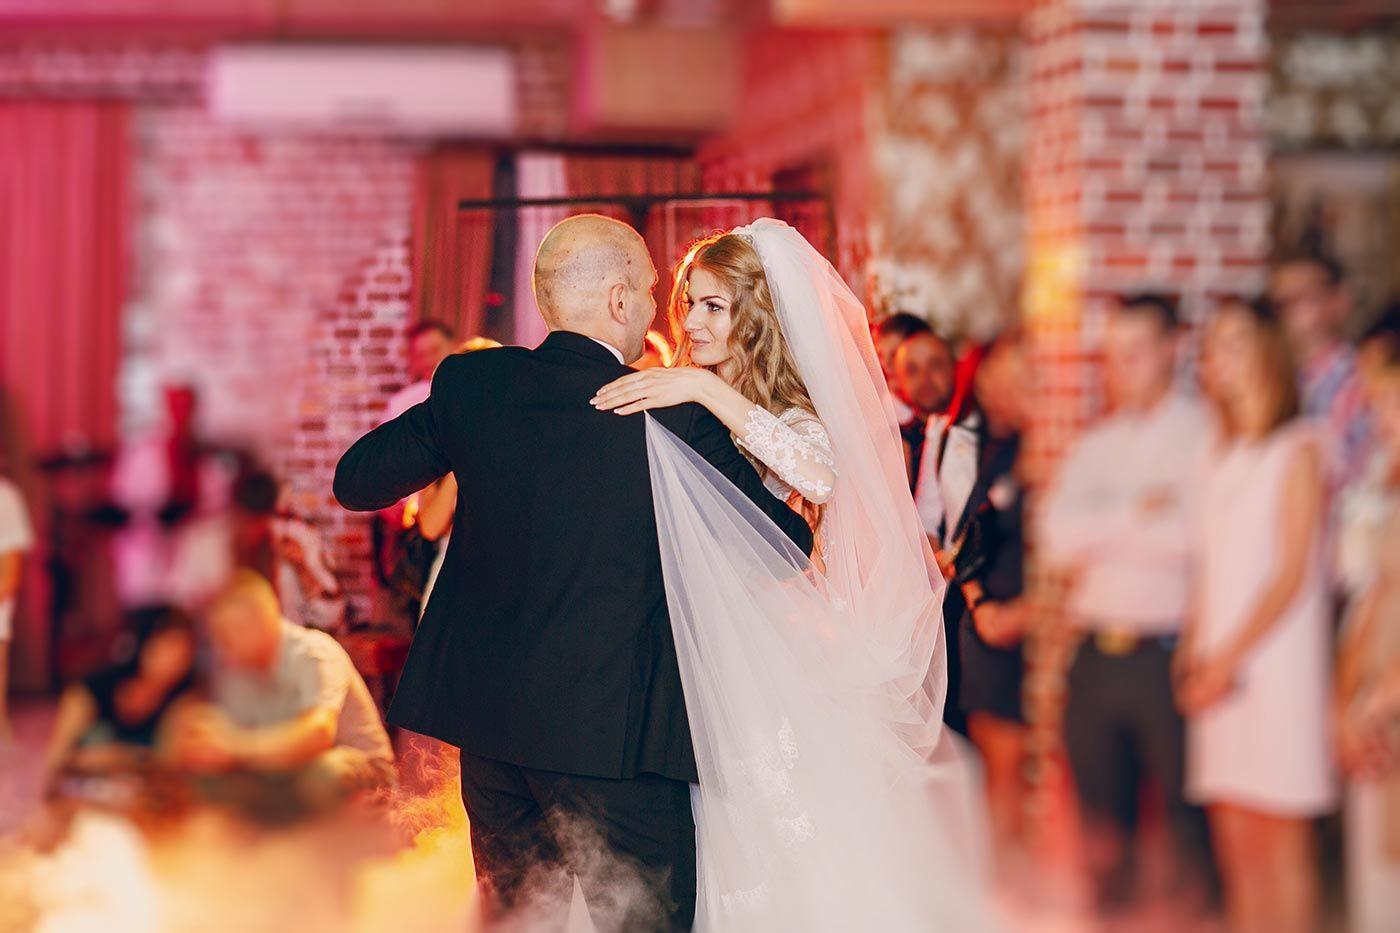 So Schon Emotionale Lieder Zum Tanzen Mit Mama Oder Papa Vater Tochter Tanz Vater Tochter Lieder Und Hochzeit Brauche